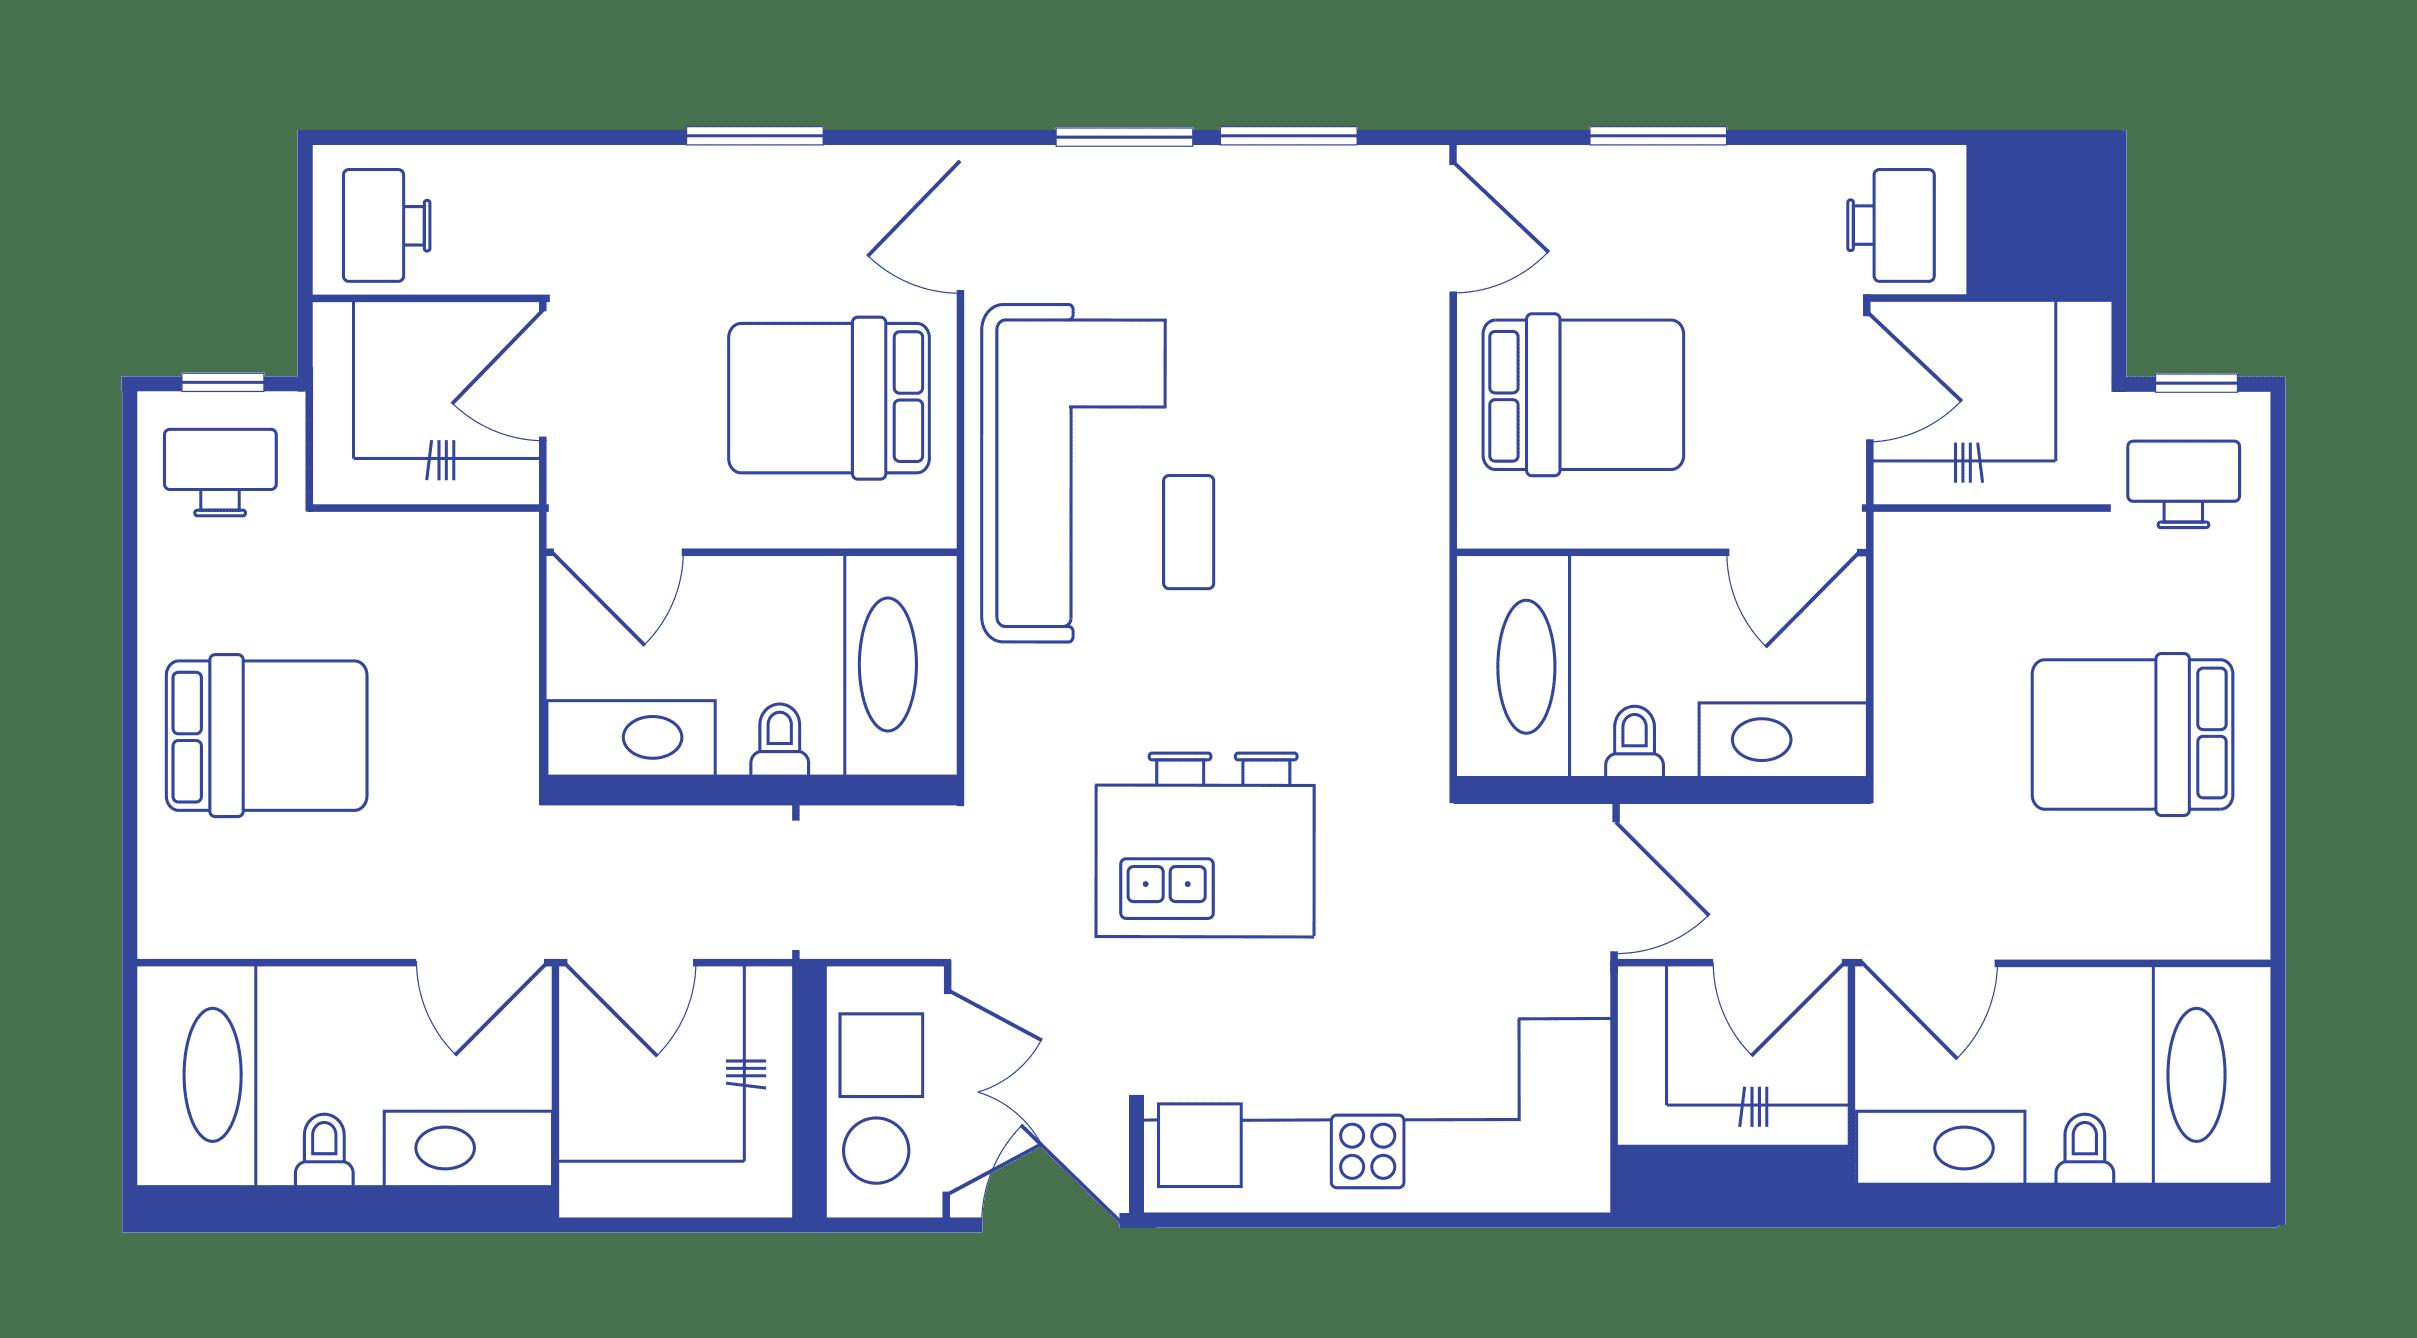 4 Bedroom - 4 Bath Student Apartments